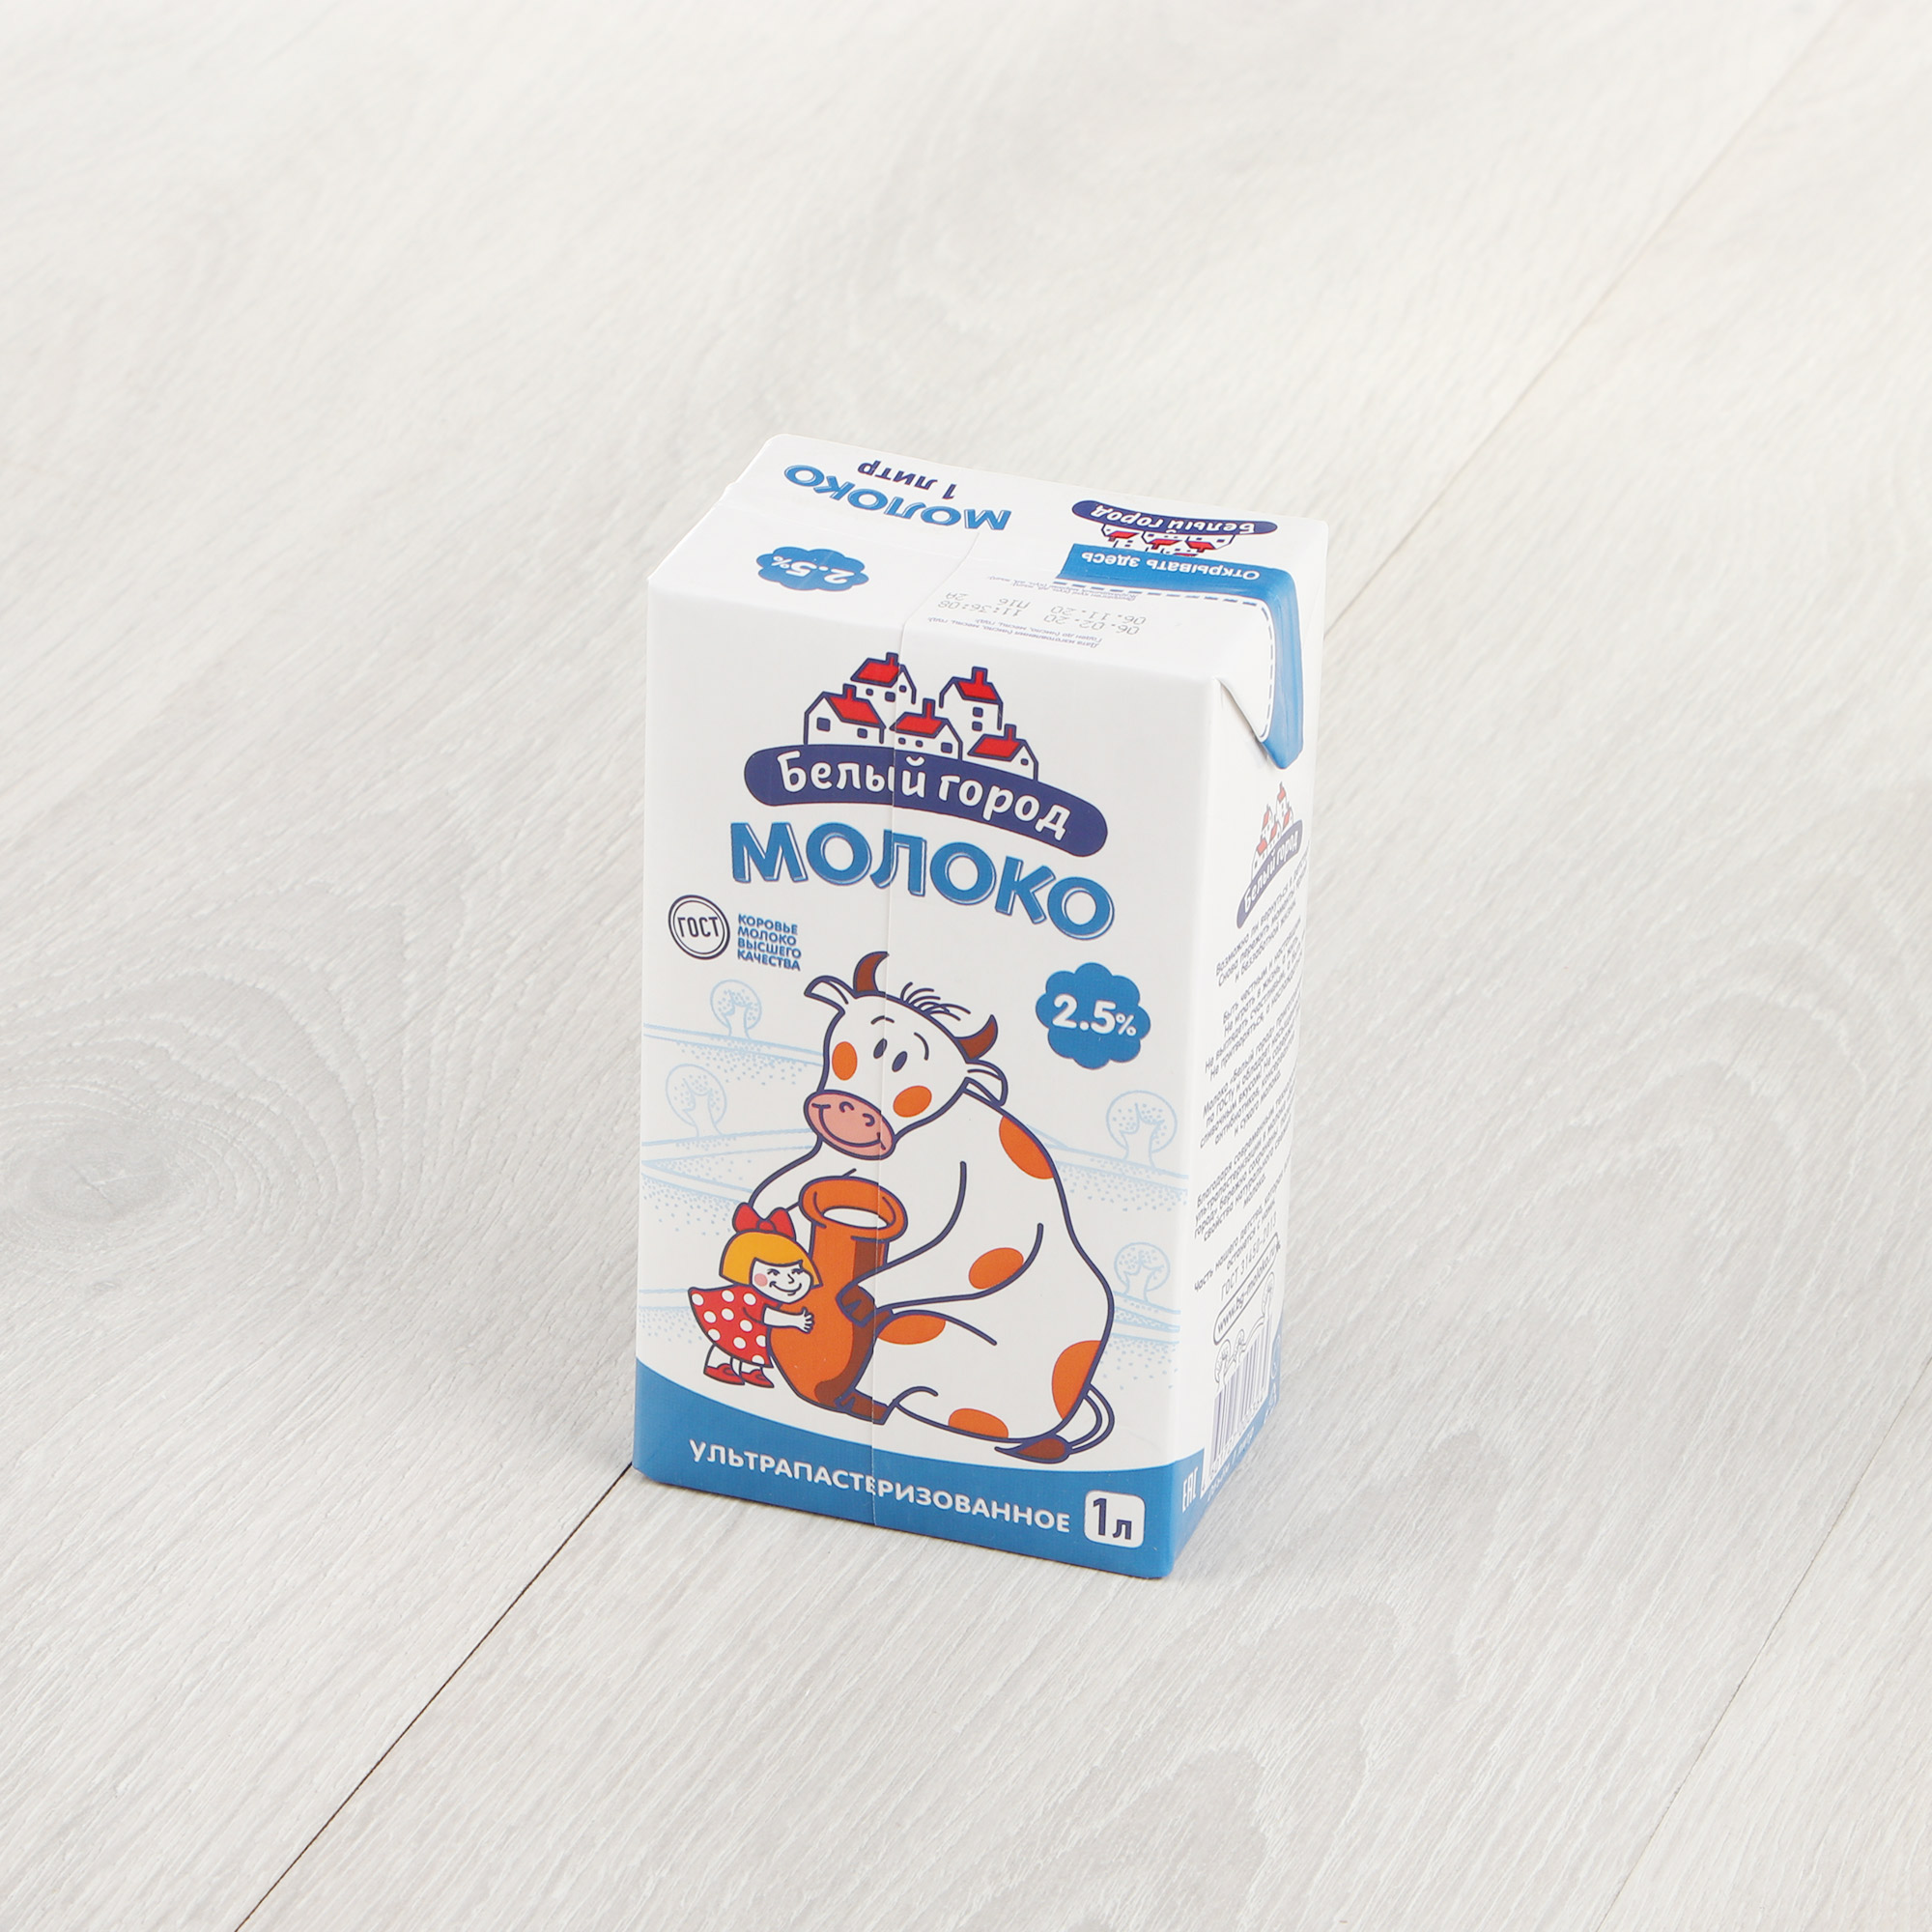 Молоко Белый город ультрапастеризованное 2,5% 1 л